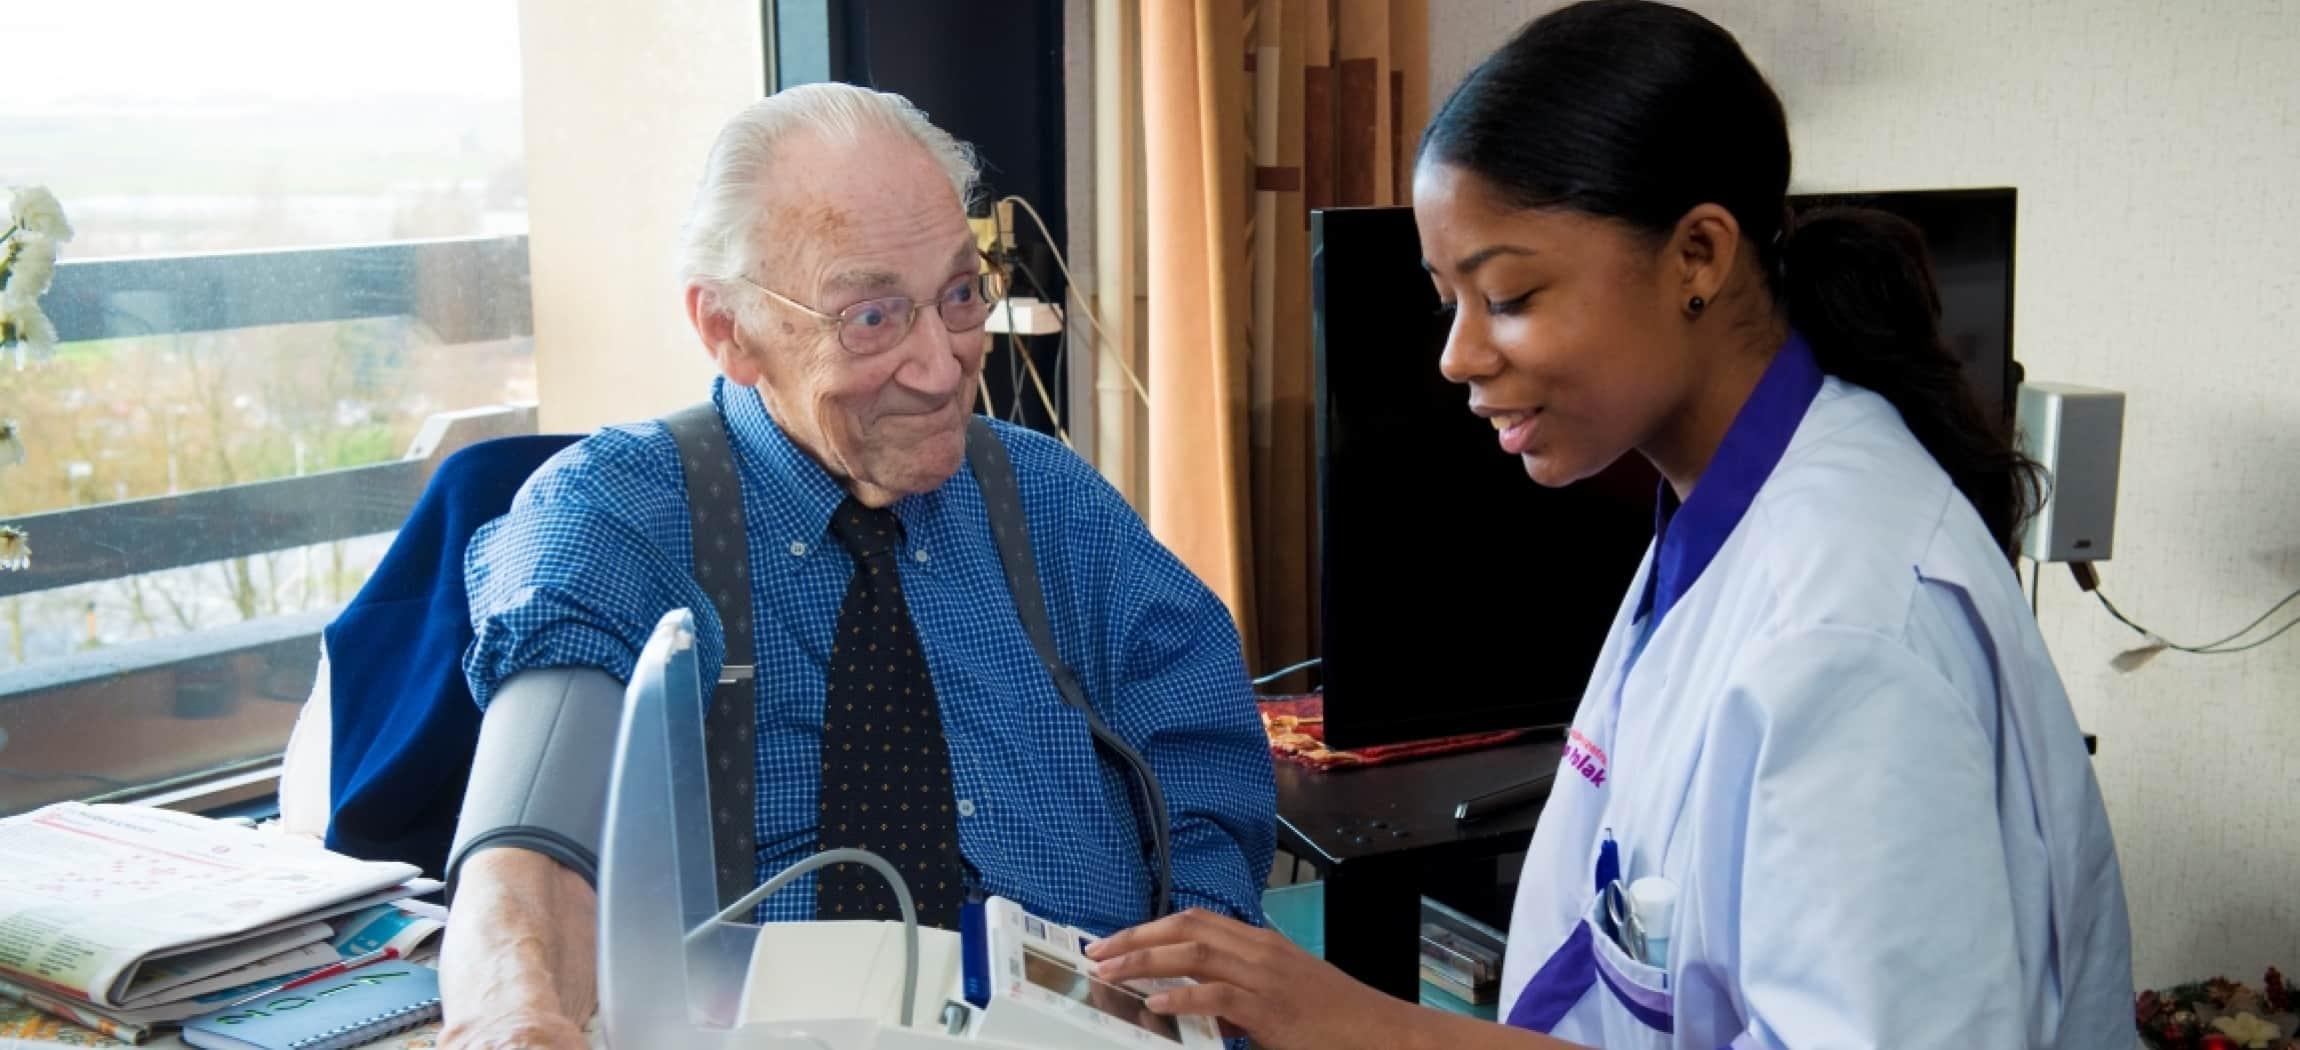 Mooie vrouwelijke verpleegkundige meet de bloeddruk bij man in blauw overhemd zittend in stoel